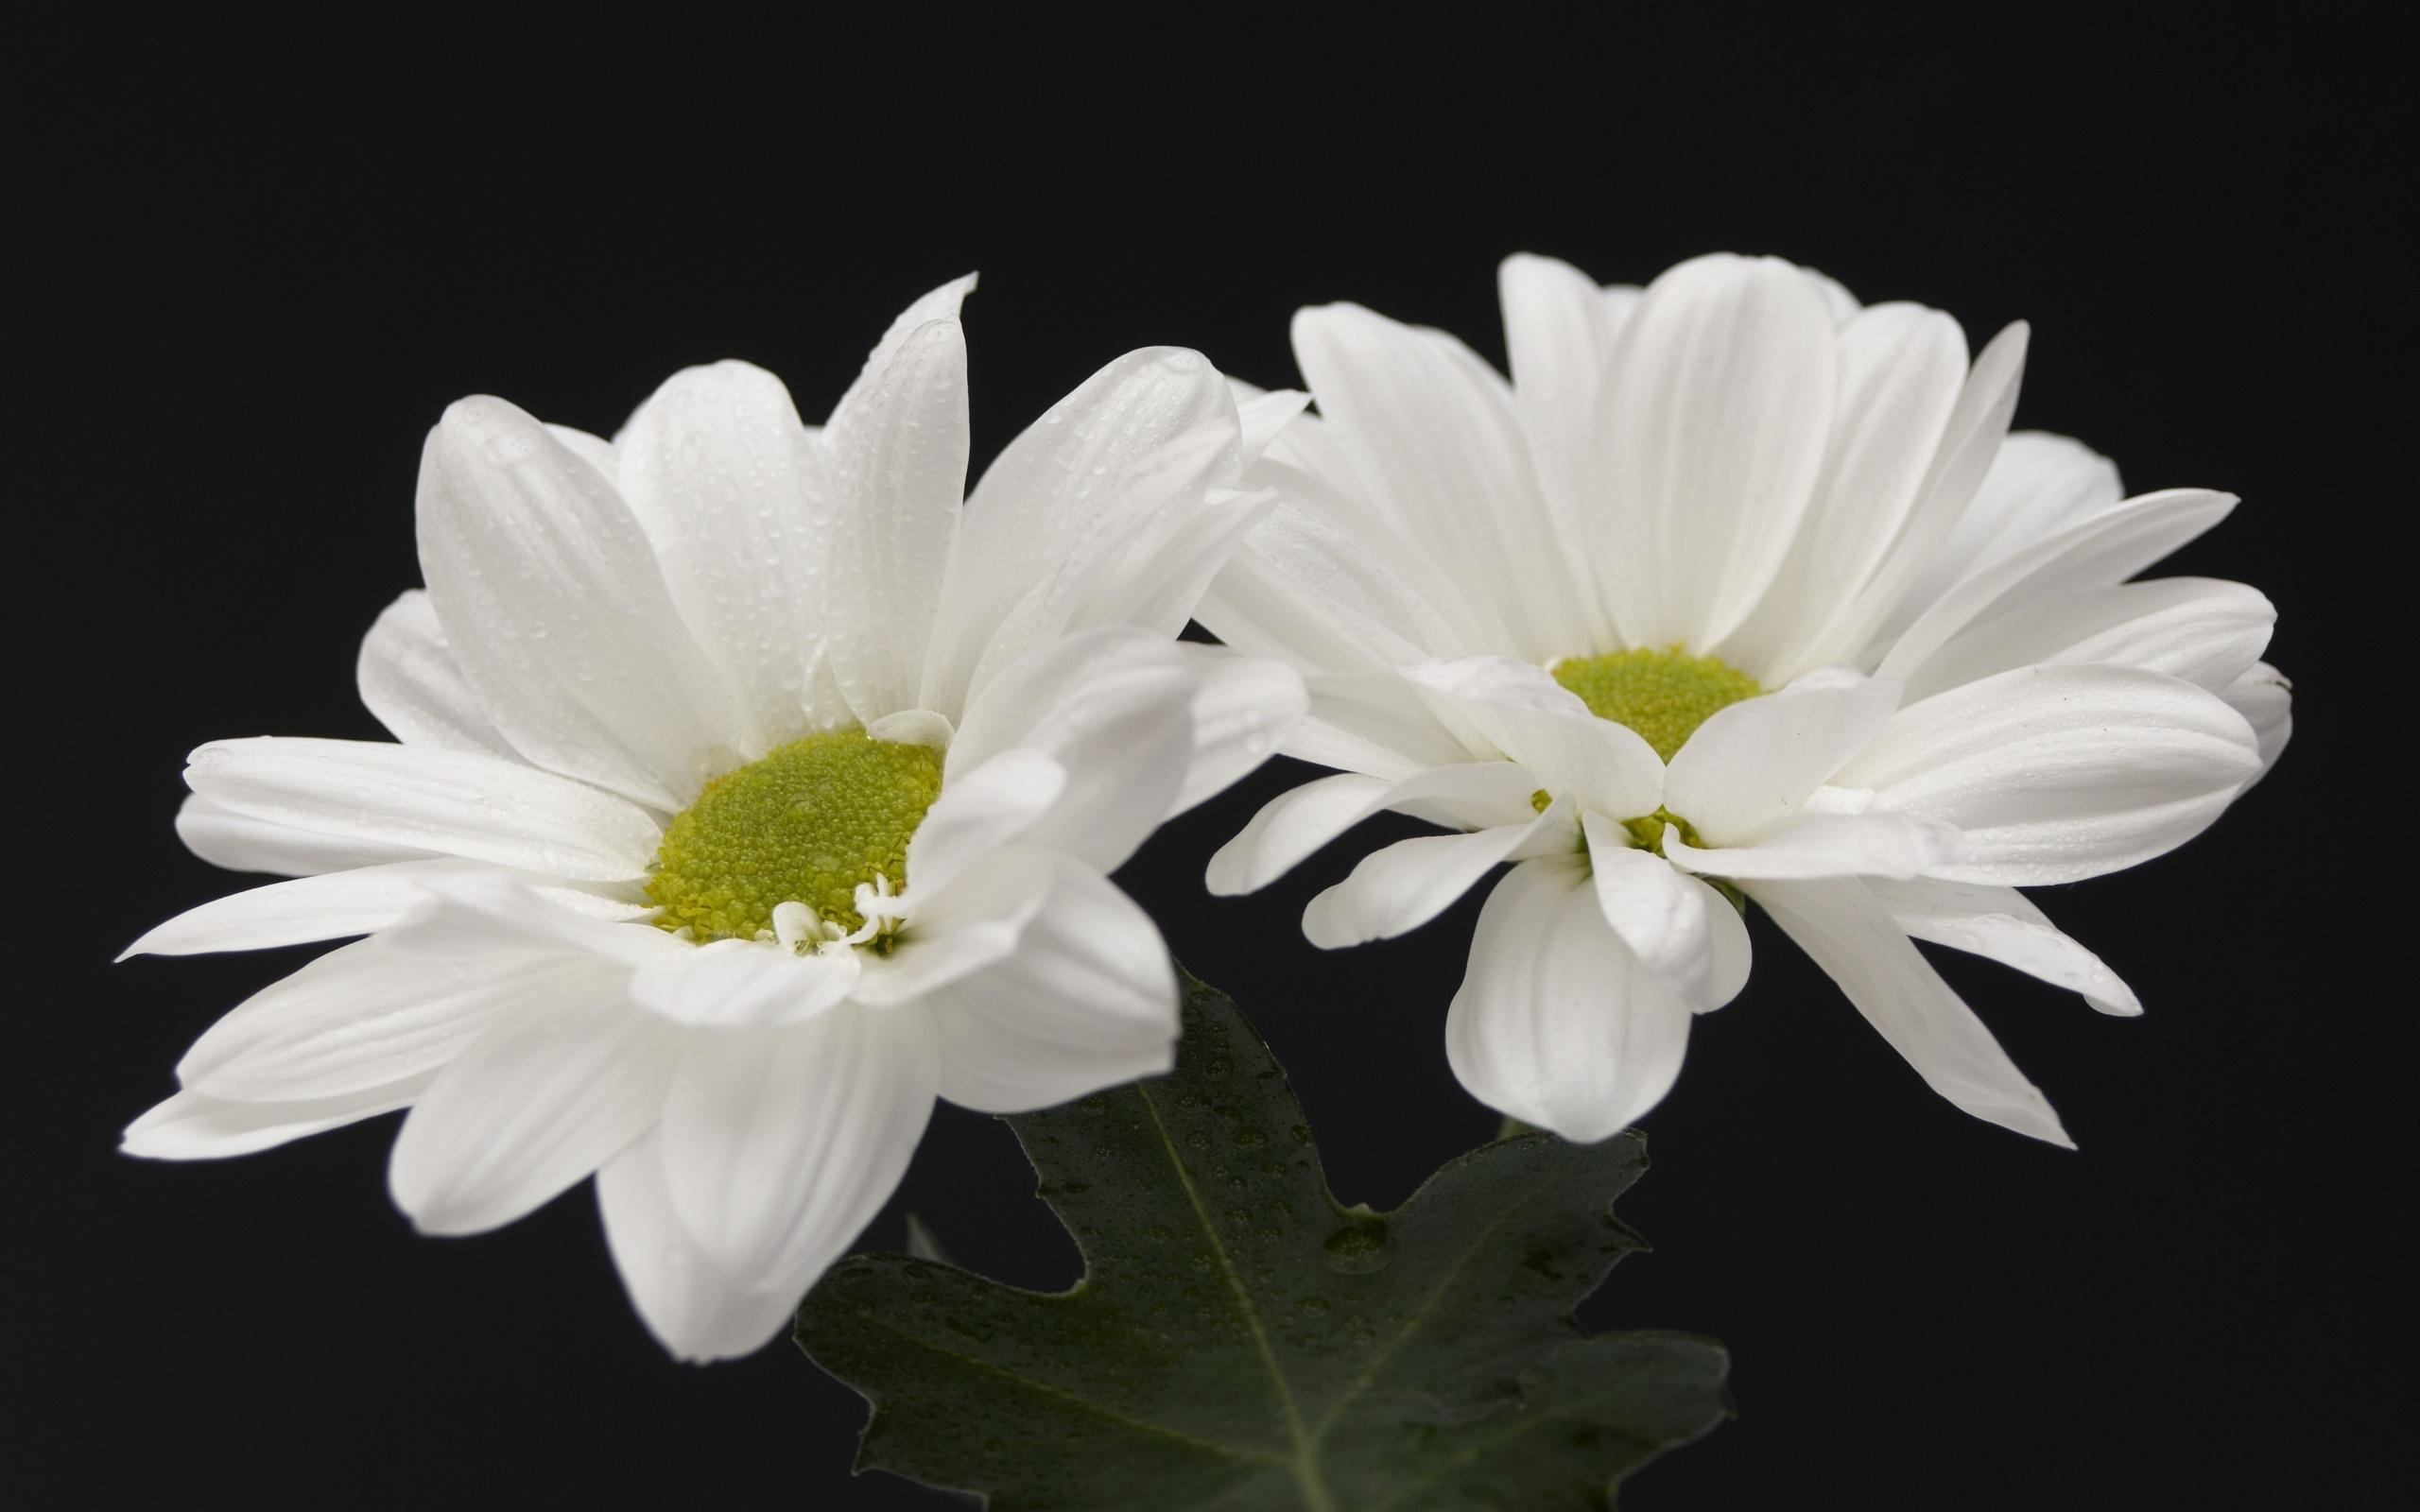 Fondos De Pantalla Flores Blancas Fondo Negro 2560x1600 Hd Imagen